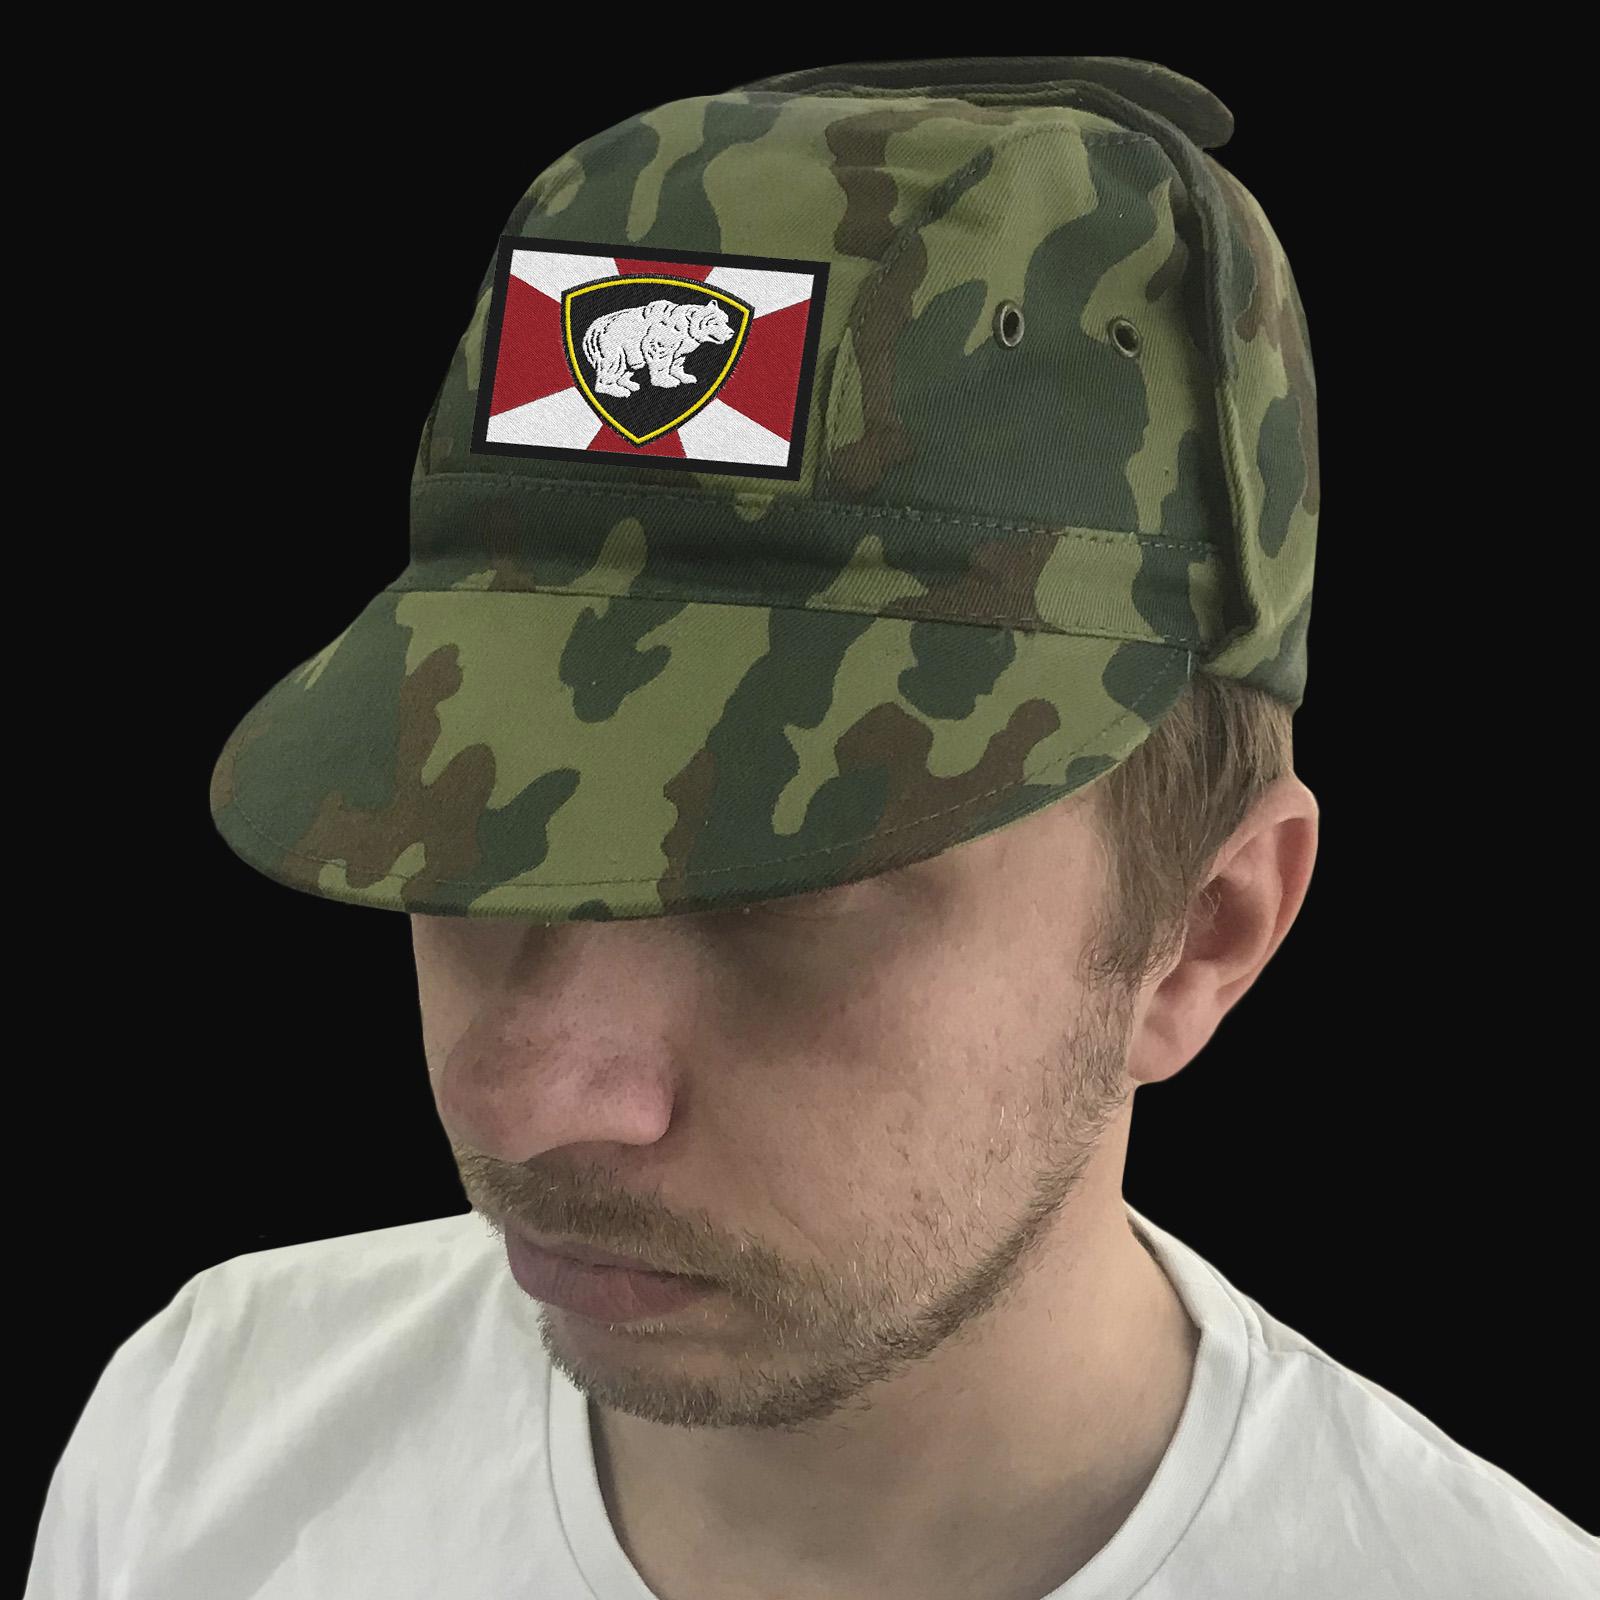 Защитная кепка с символикой Сибирского округа МВД.